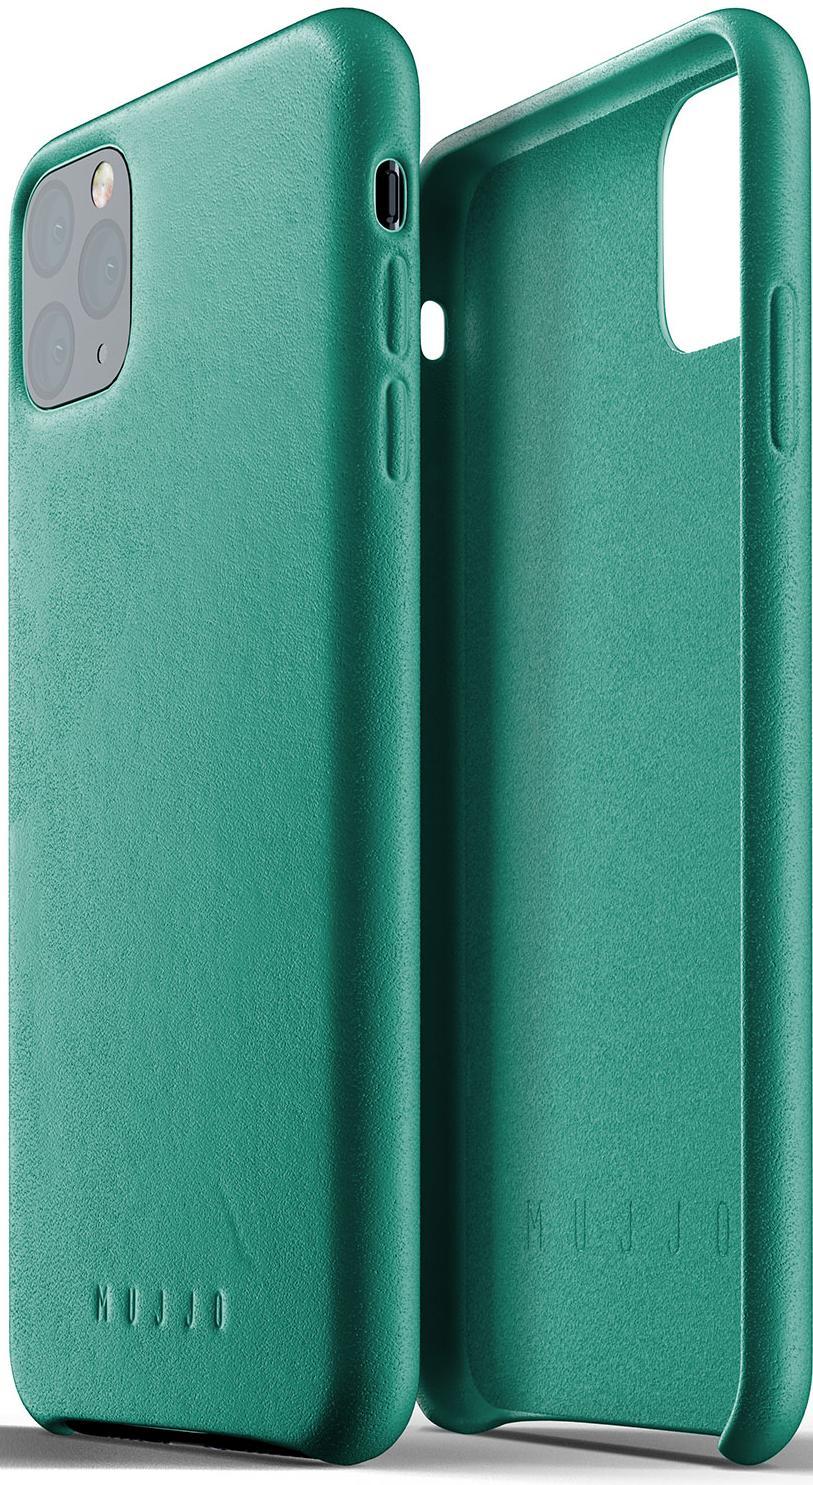 Купить Аксесуари для мобільних телефонів, Чохол MUJJO for iPhone 11 Pro Max - Full Leather Alpine Green (MUJJO-CL-003-GR)